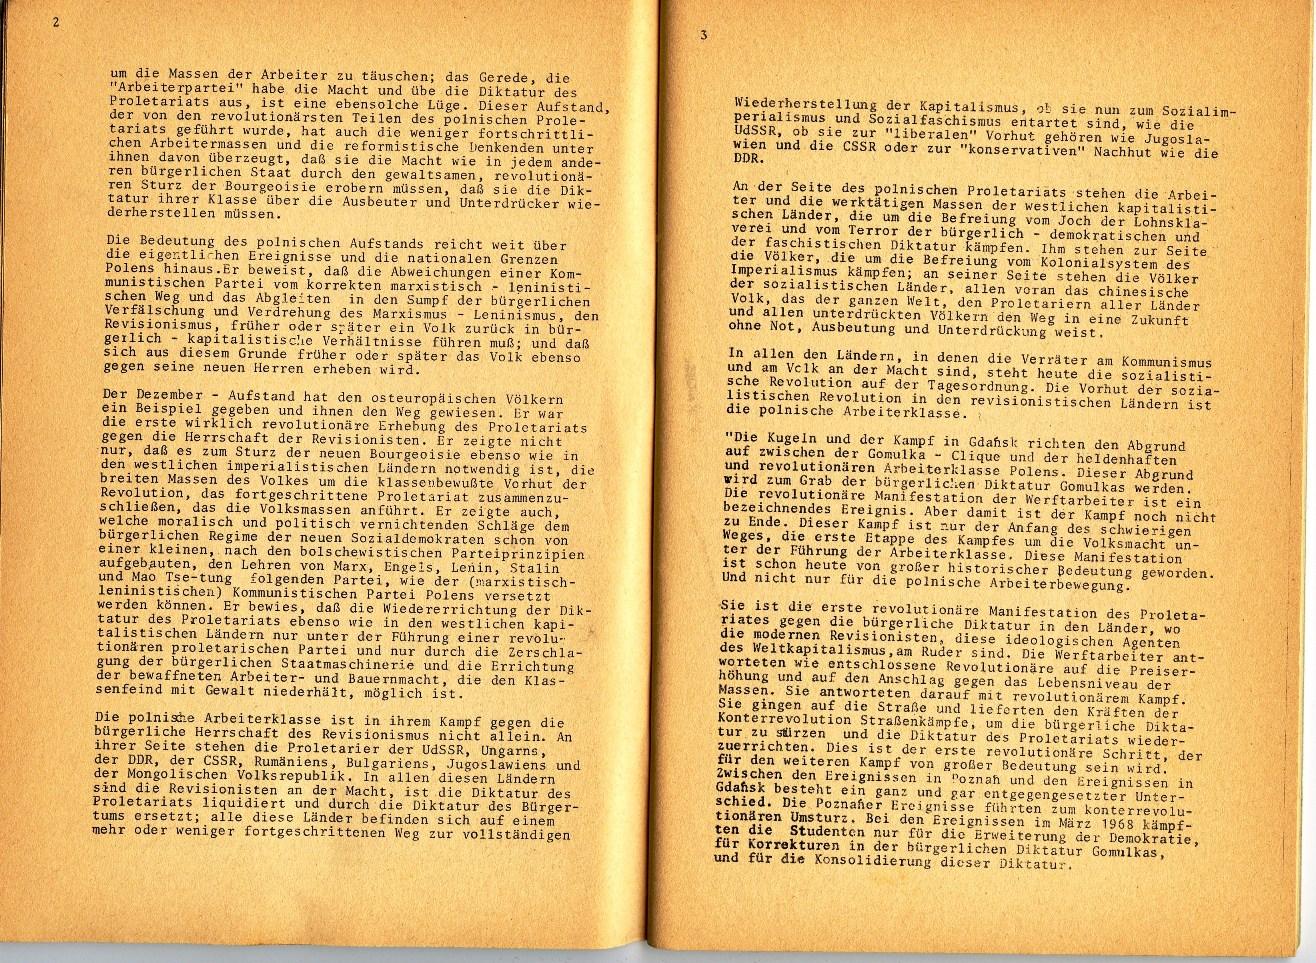 ZB_Polen_Aufstand_1971_05